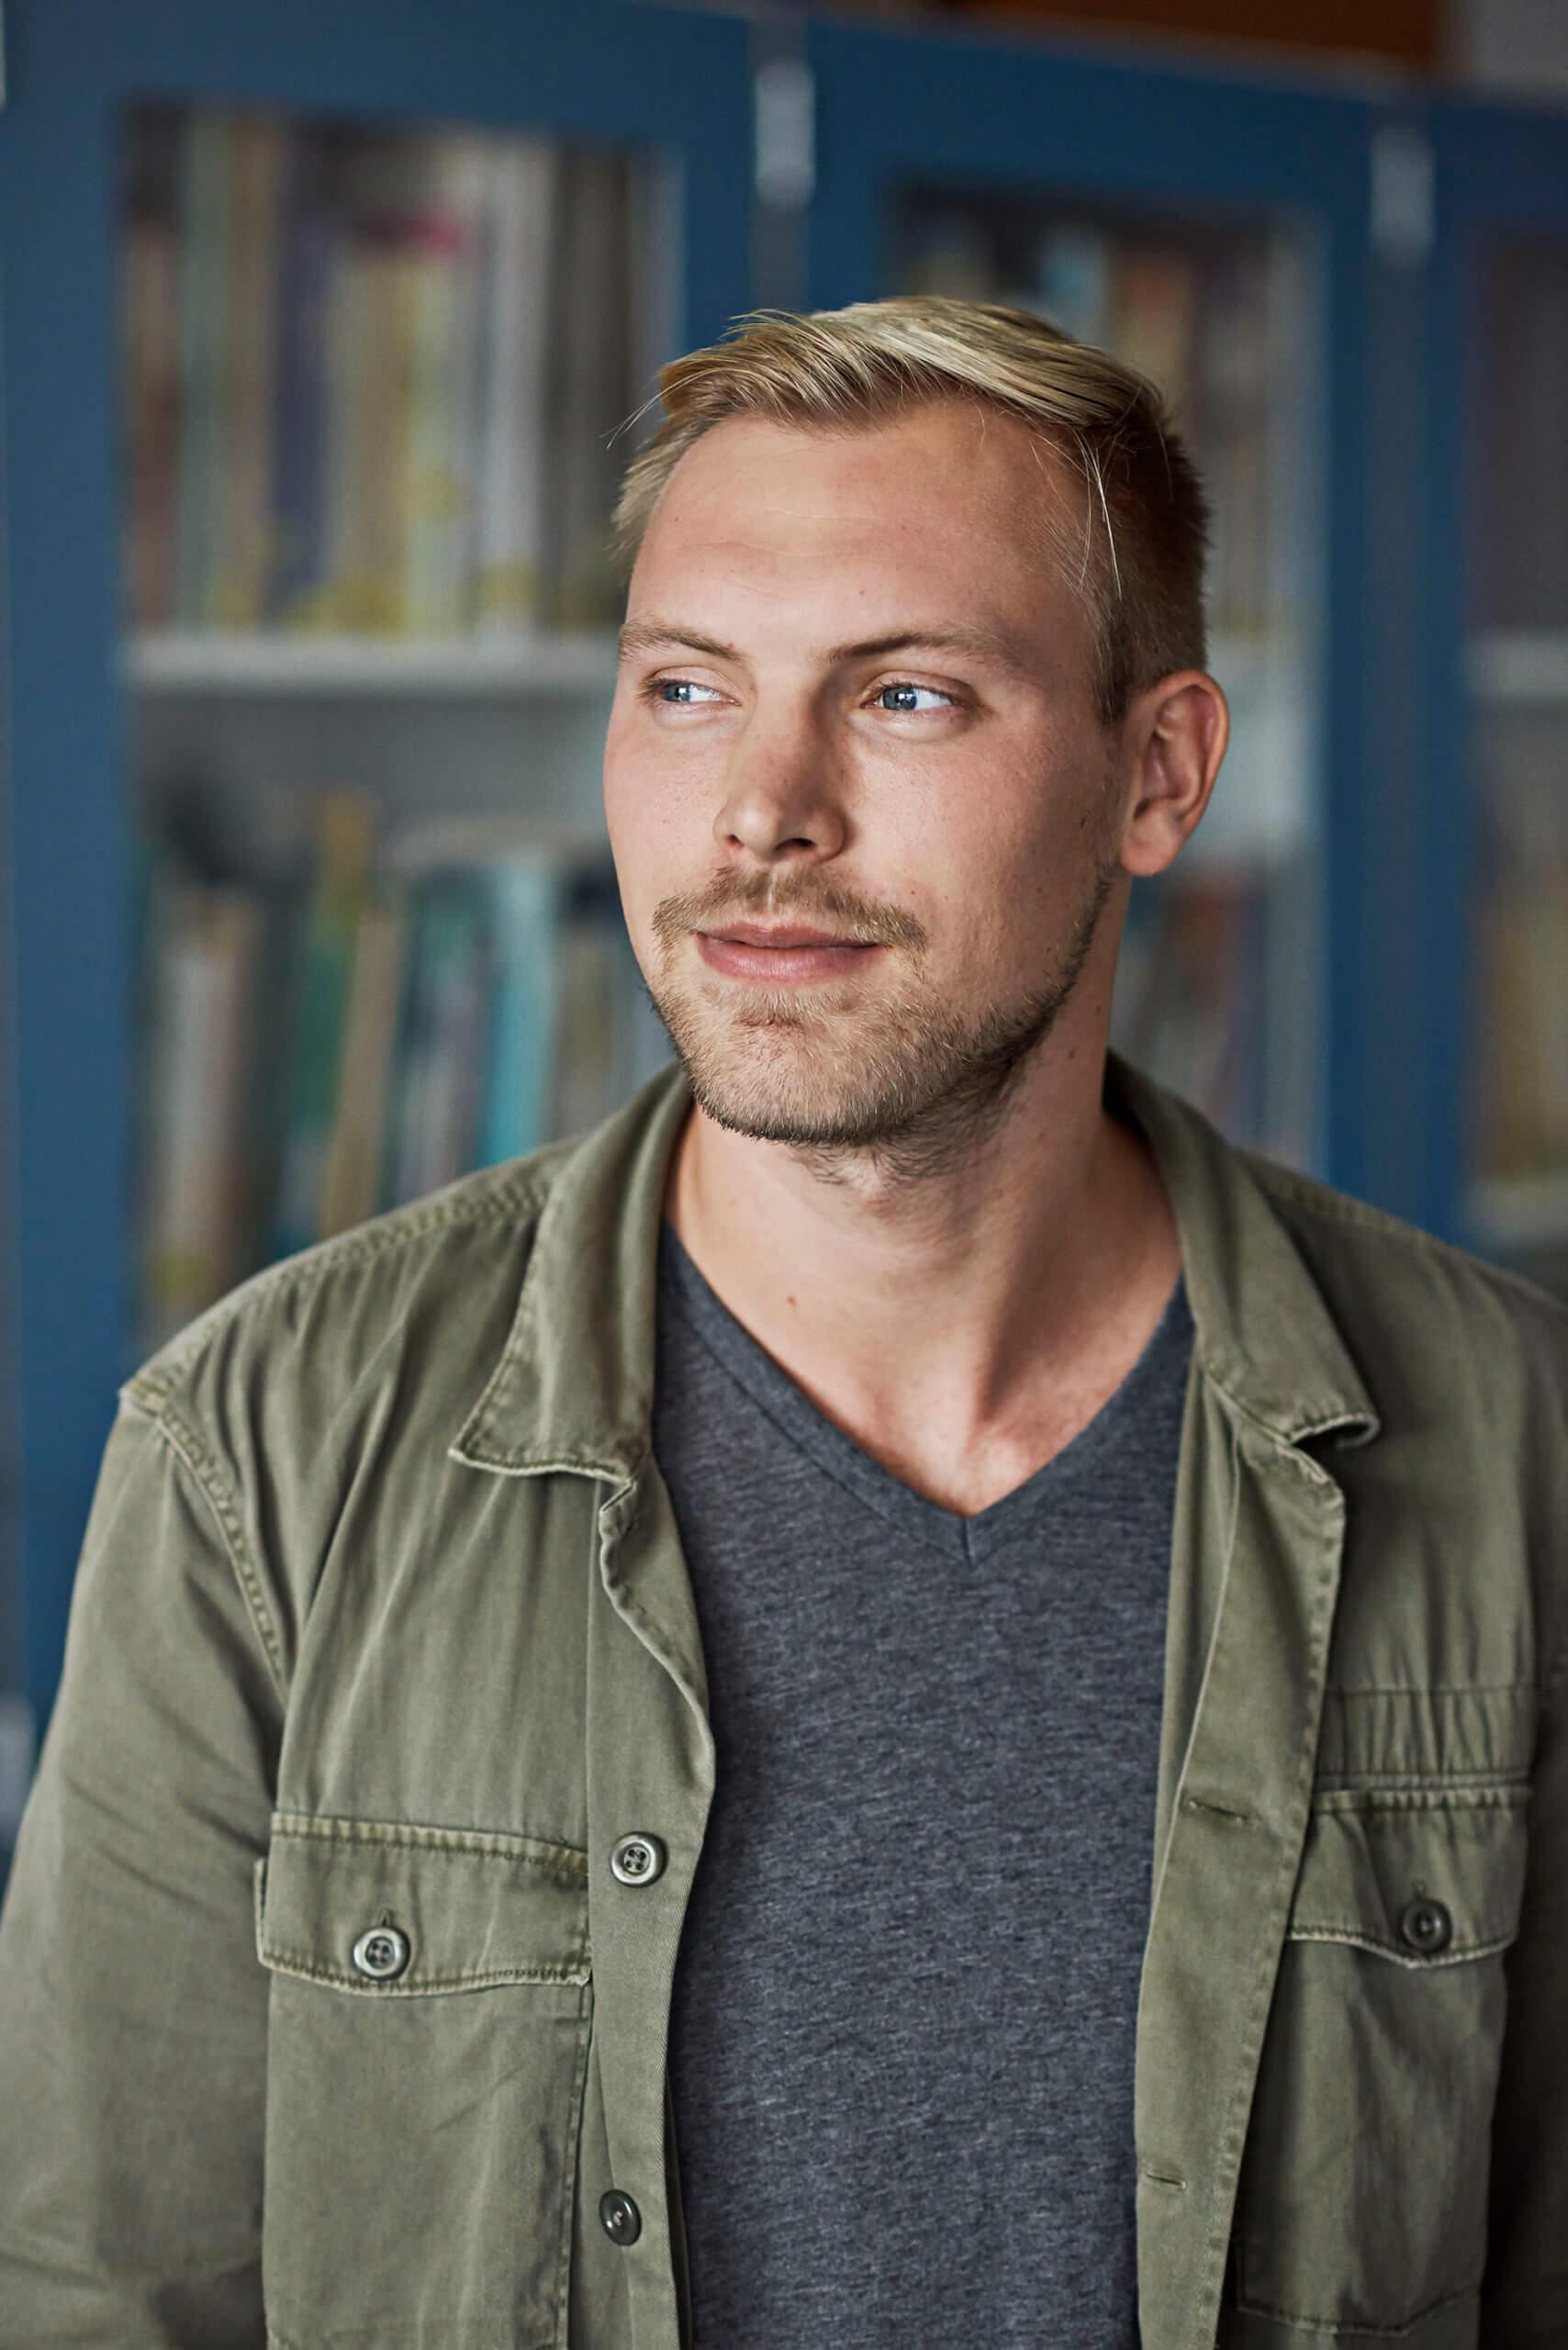 Lærerstuderende: Ung mand med lyst hår